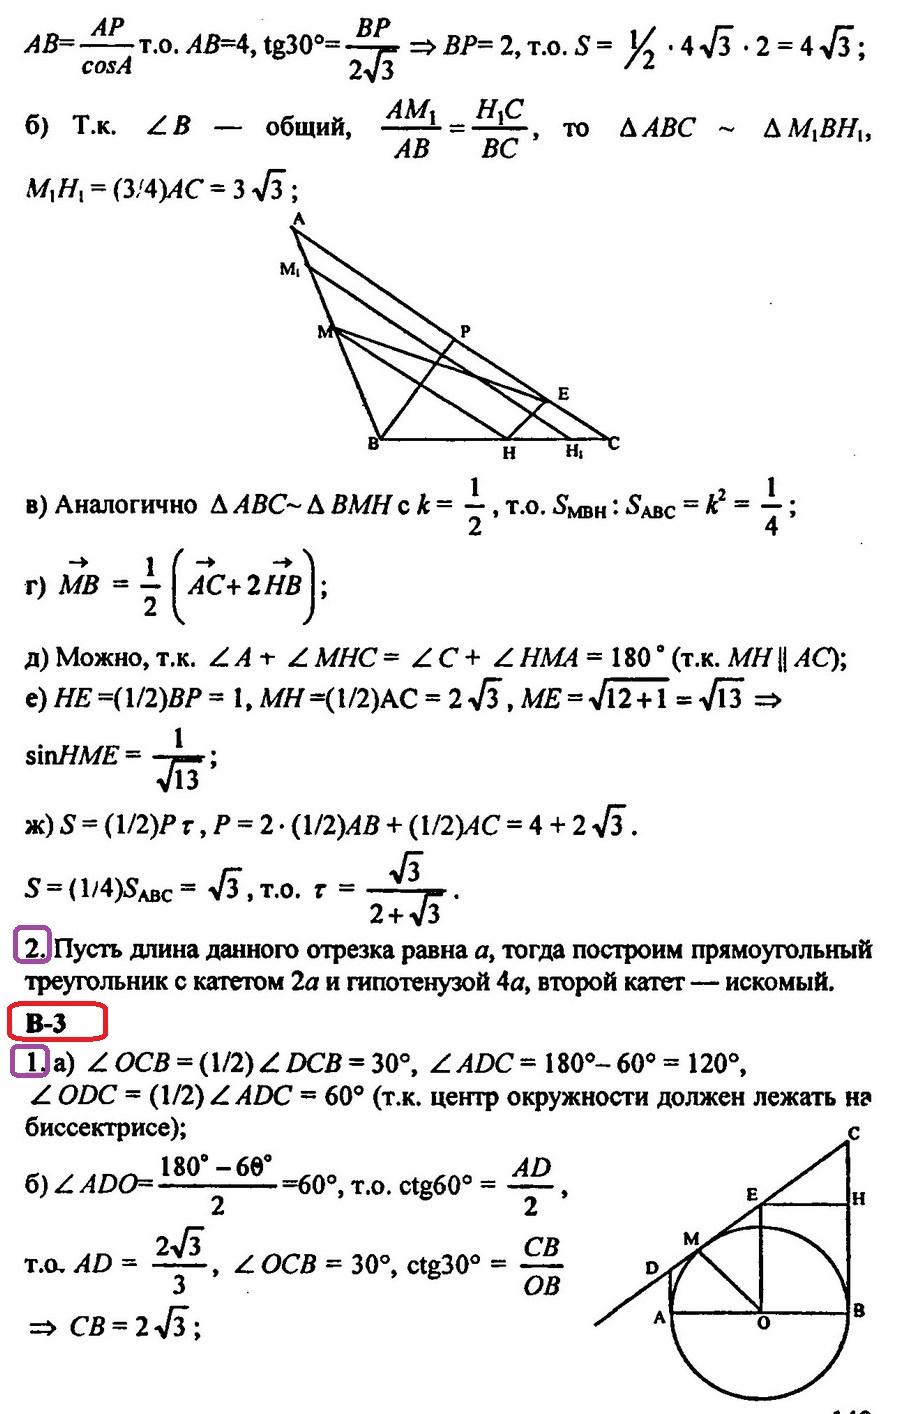 Контрольная работа по геометрии 8 класс ИТОГОВАЯ (Атанасян)